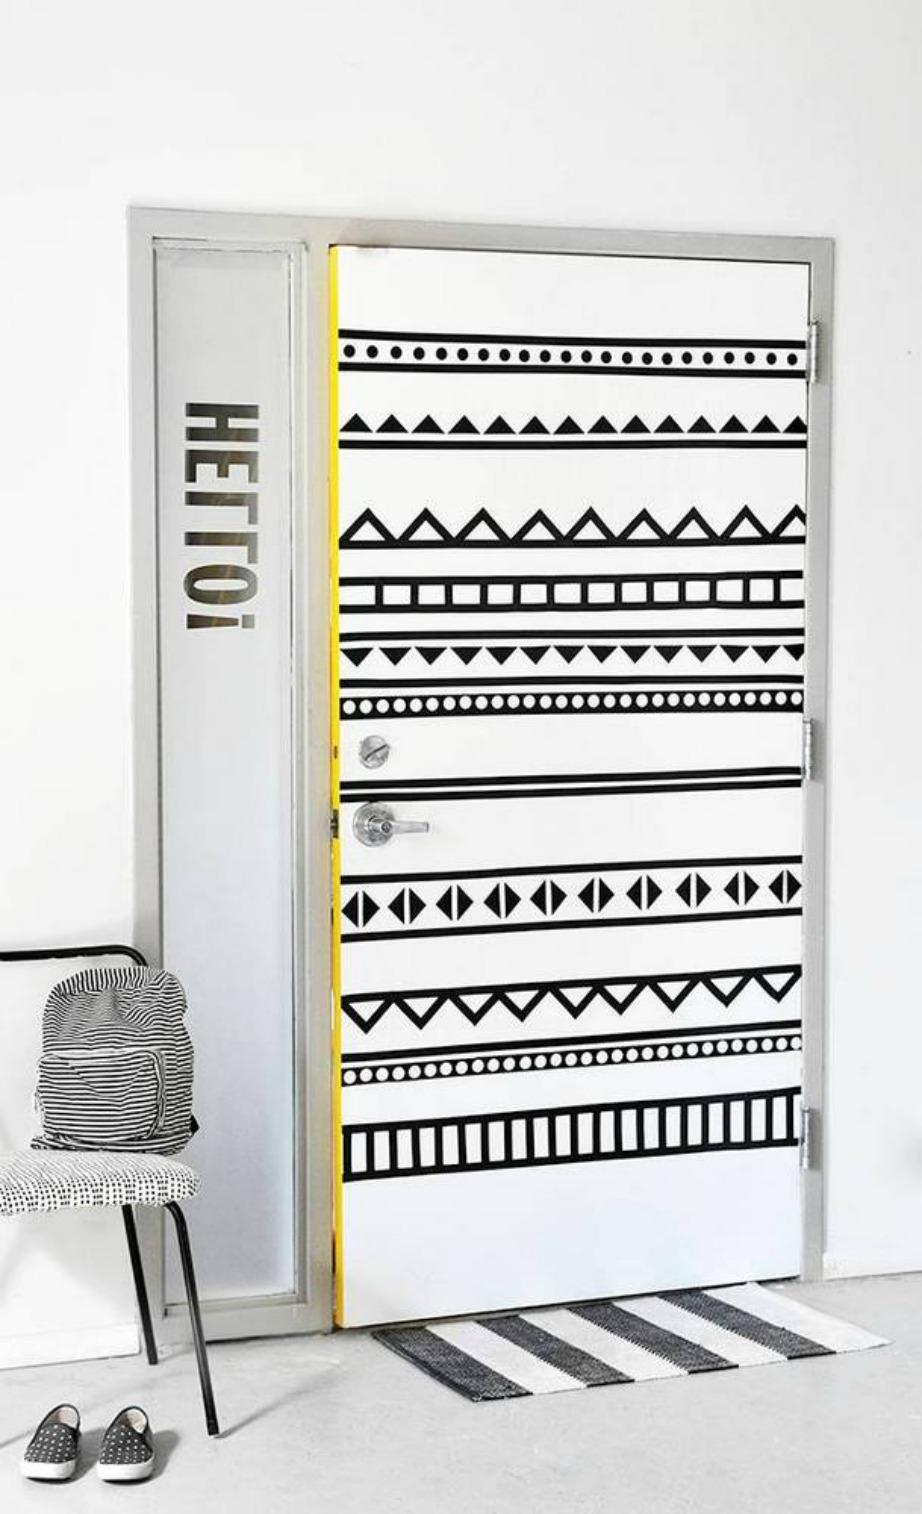 Μπορεί να χρησιμοποιείται για διαφορετικούς λόγους ωστόσο στην πόρτα δείχνει ως το καλύτερο διακοσμητικό.